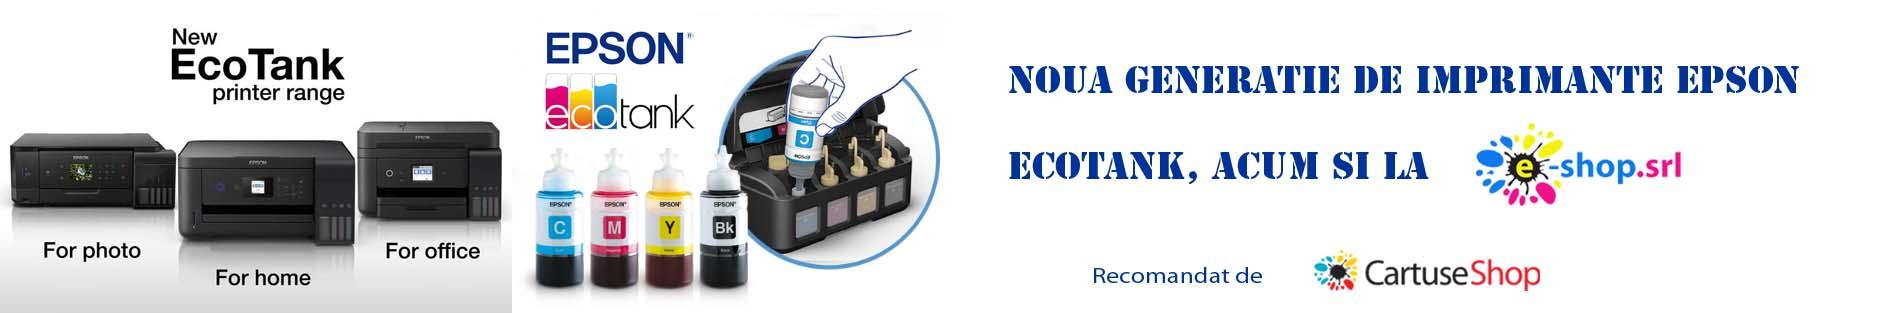 Noua generatie de imprimante Epson Ecotank la e-shop.srl